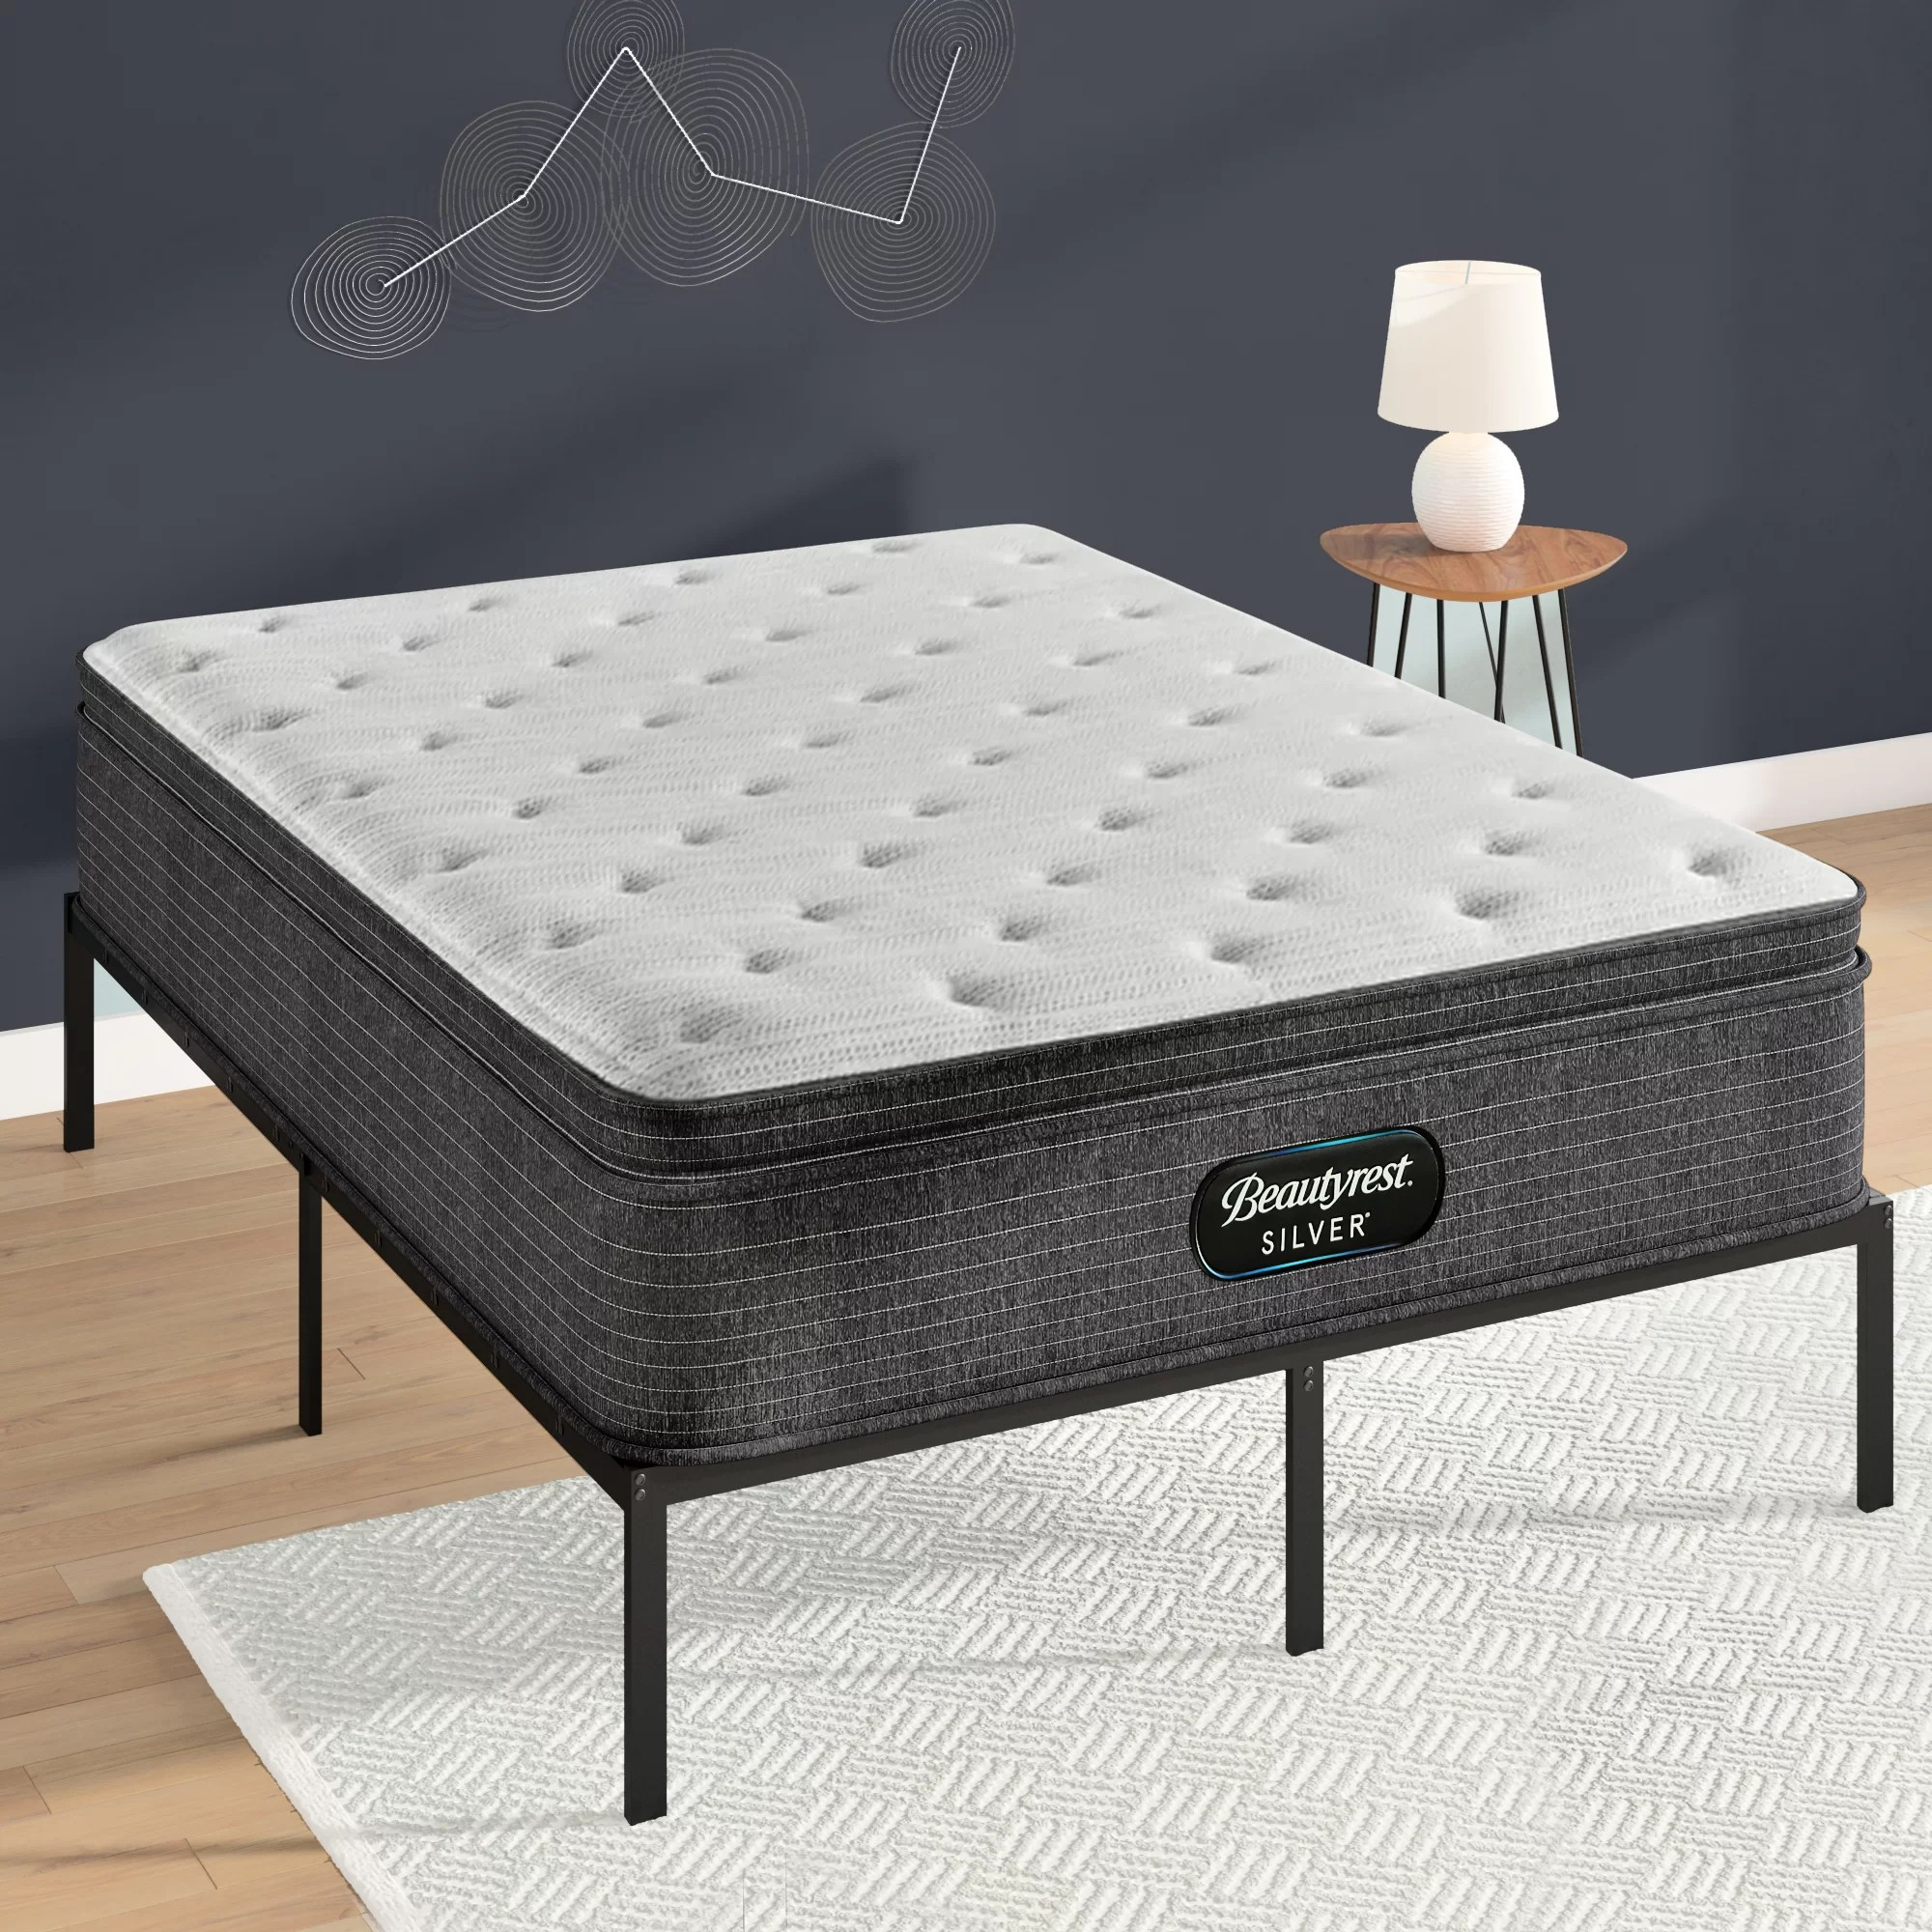 beautyrest silver 15 medium pillow top mattress